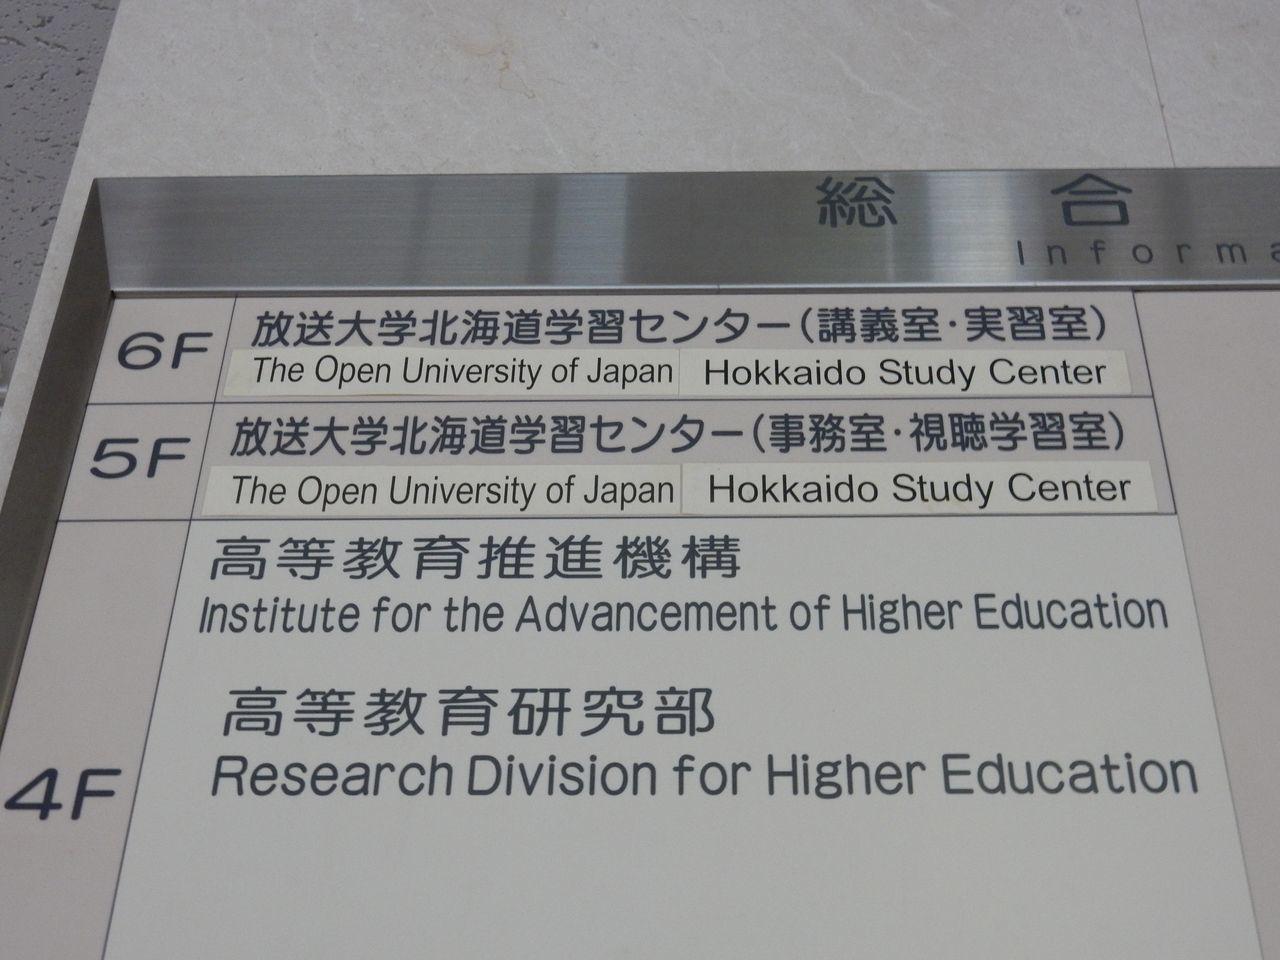 放送大学の学生は暇な時間は本を読む_c0025115_21104775.jpg